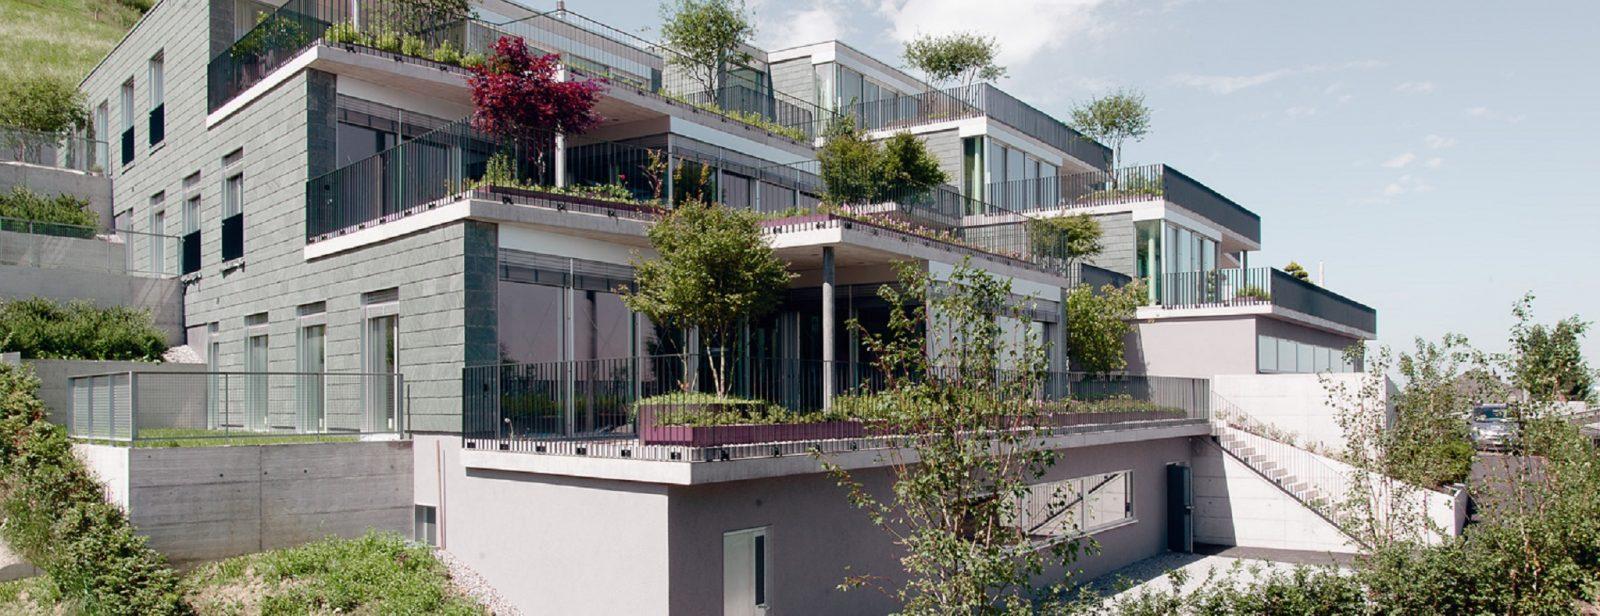 MFH Terrassenhäuser, Schindellegi